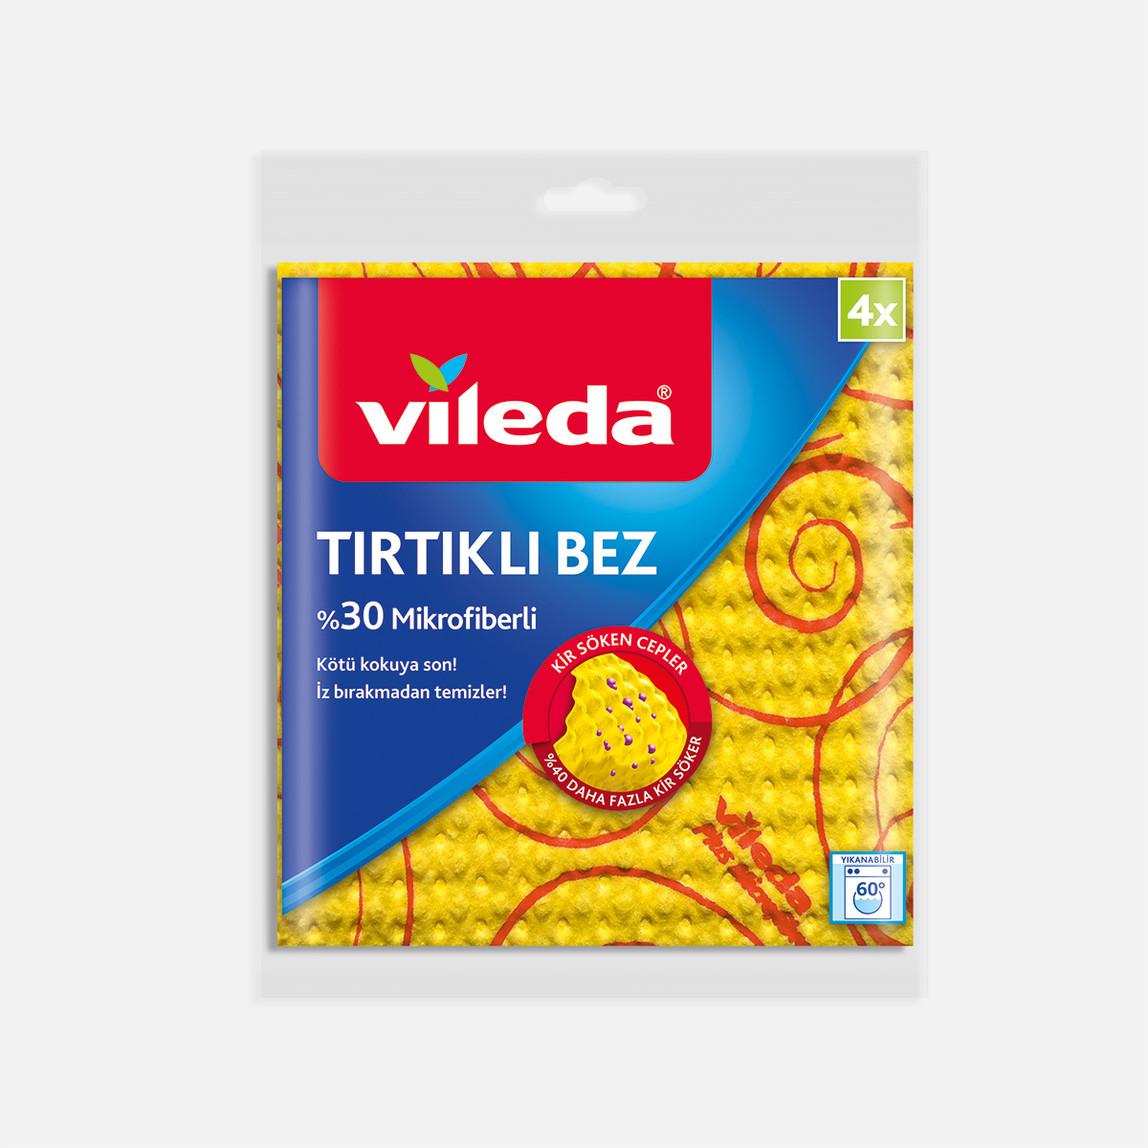 Vileda %30 Mikrofiberli Tırtıklı Bez 4'lü Paket